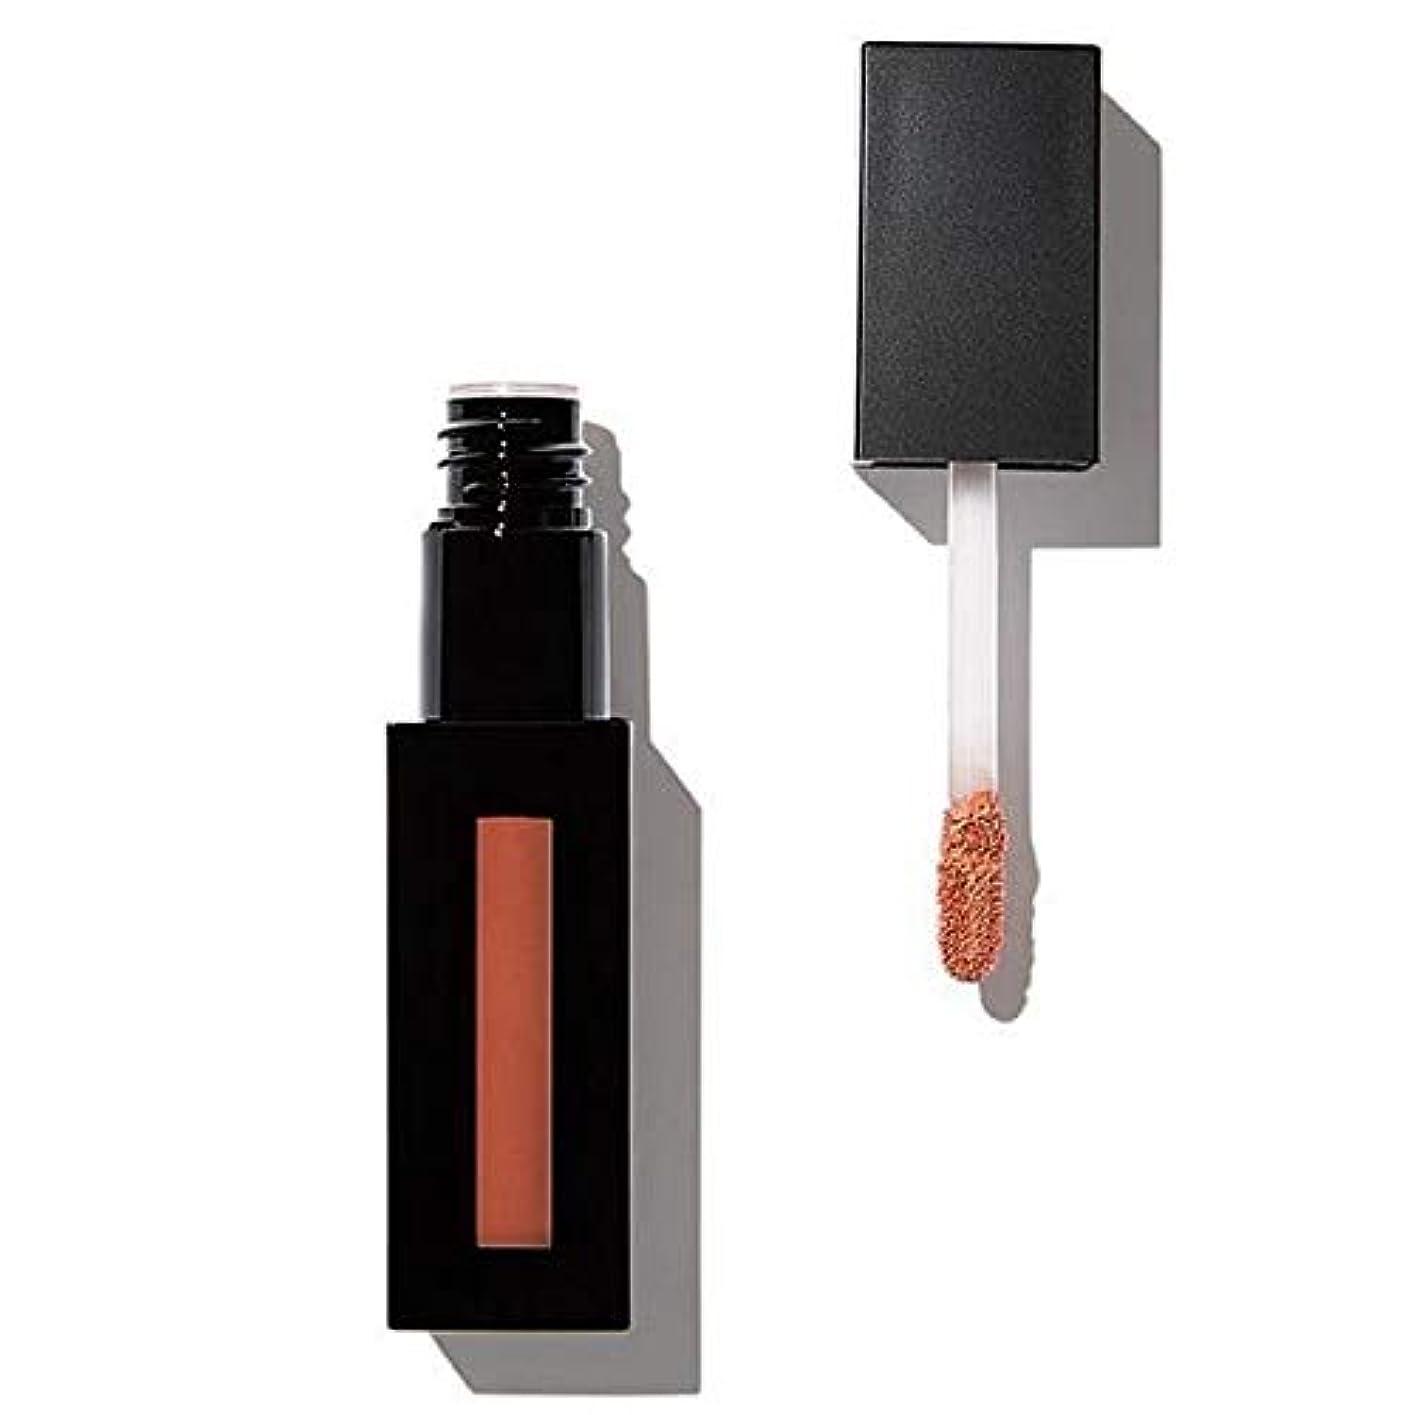 後方に一流アイデア[Revolution ] 革命プロ最高のマットリップ顔料シャレード - Revolution Pro Supreme Matte Lip Pigment Charade [並行輸入品]